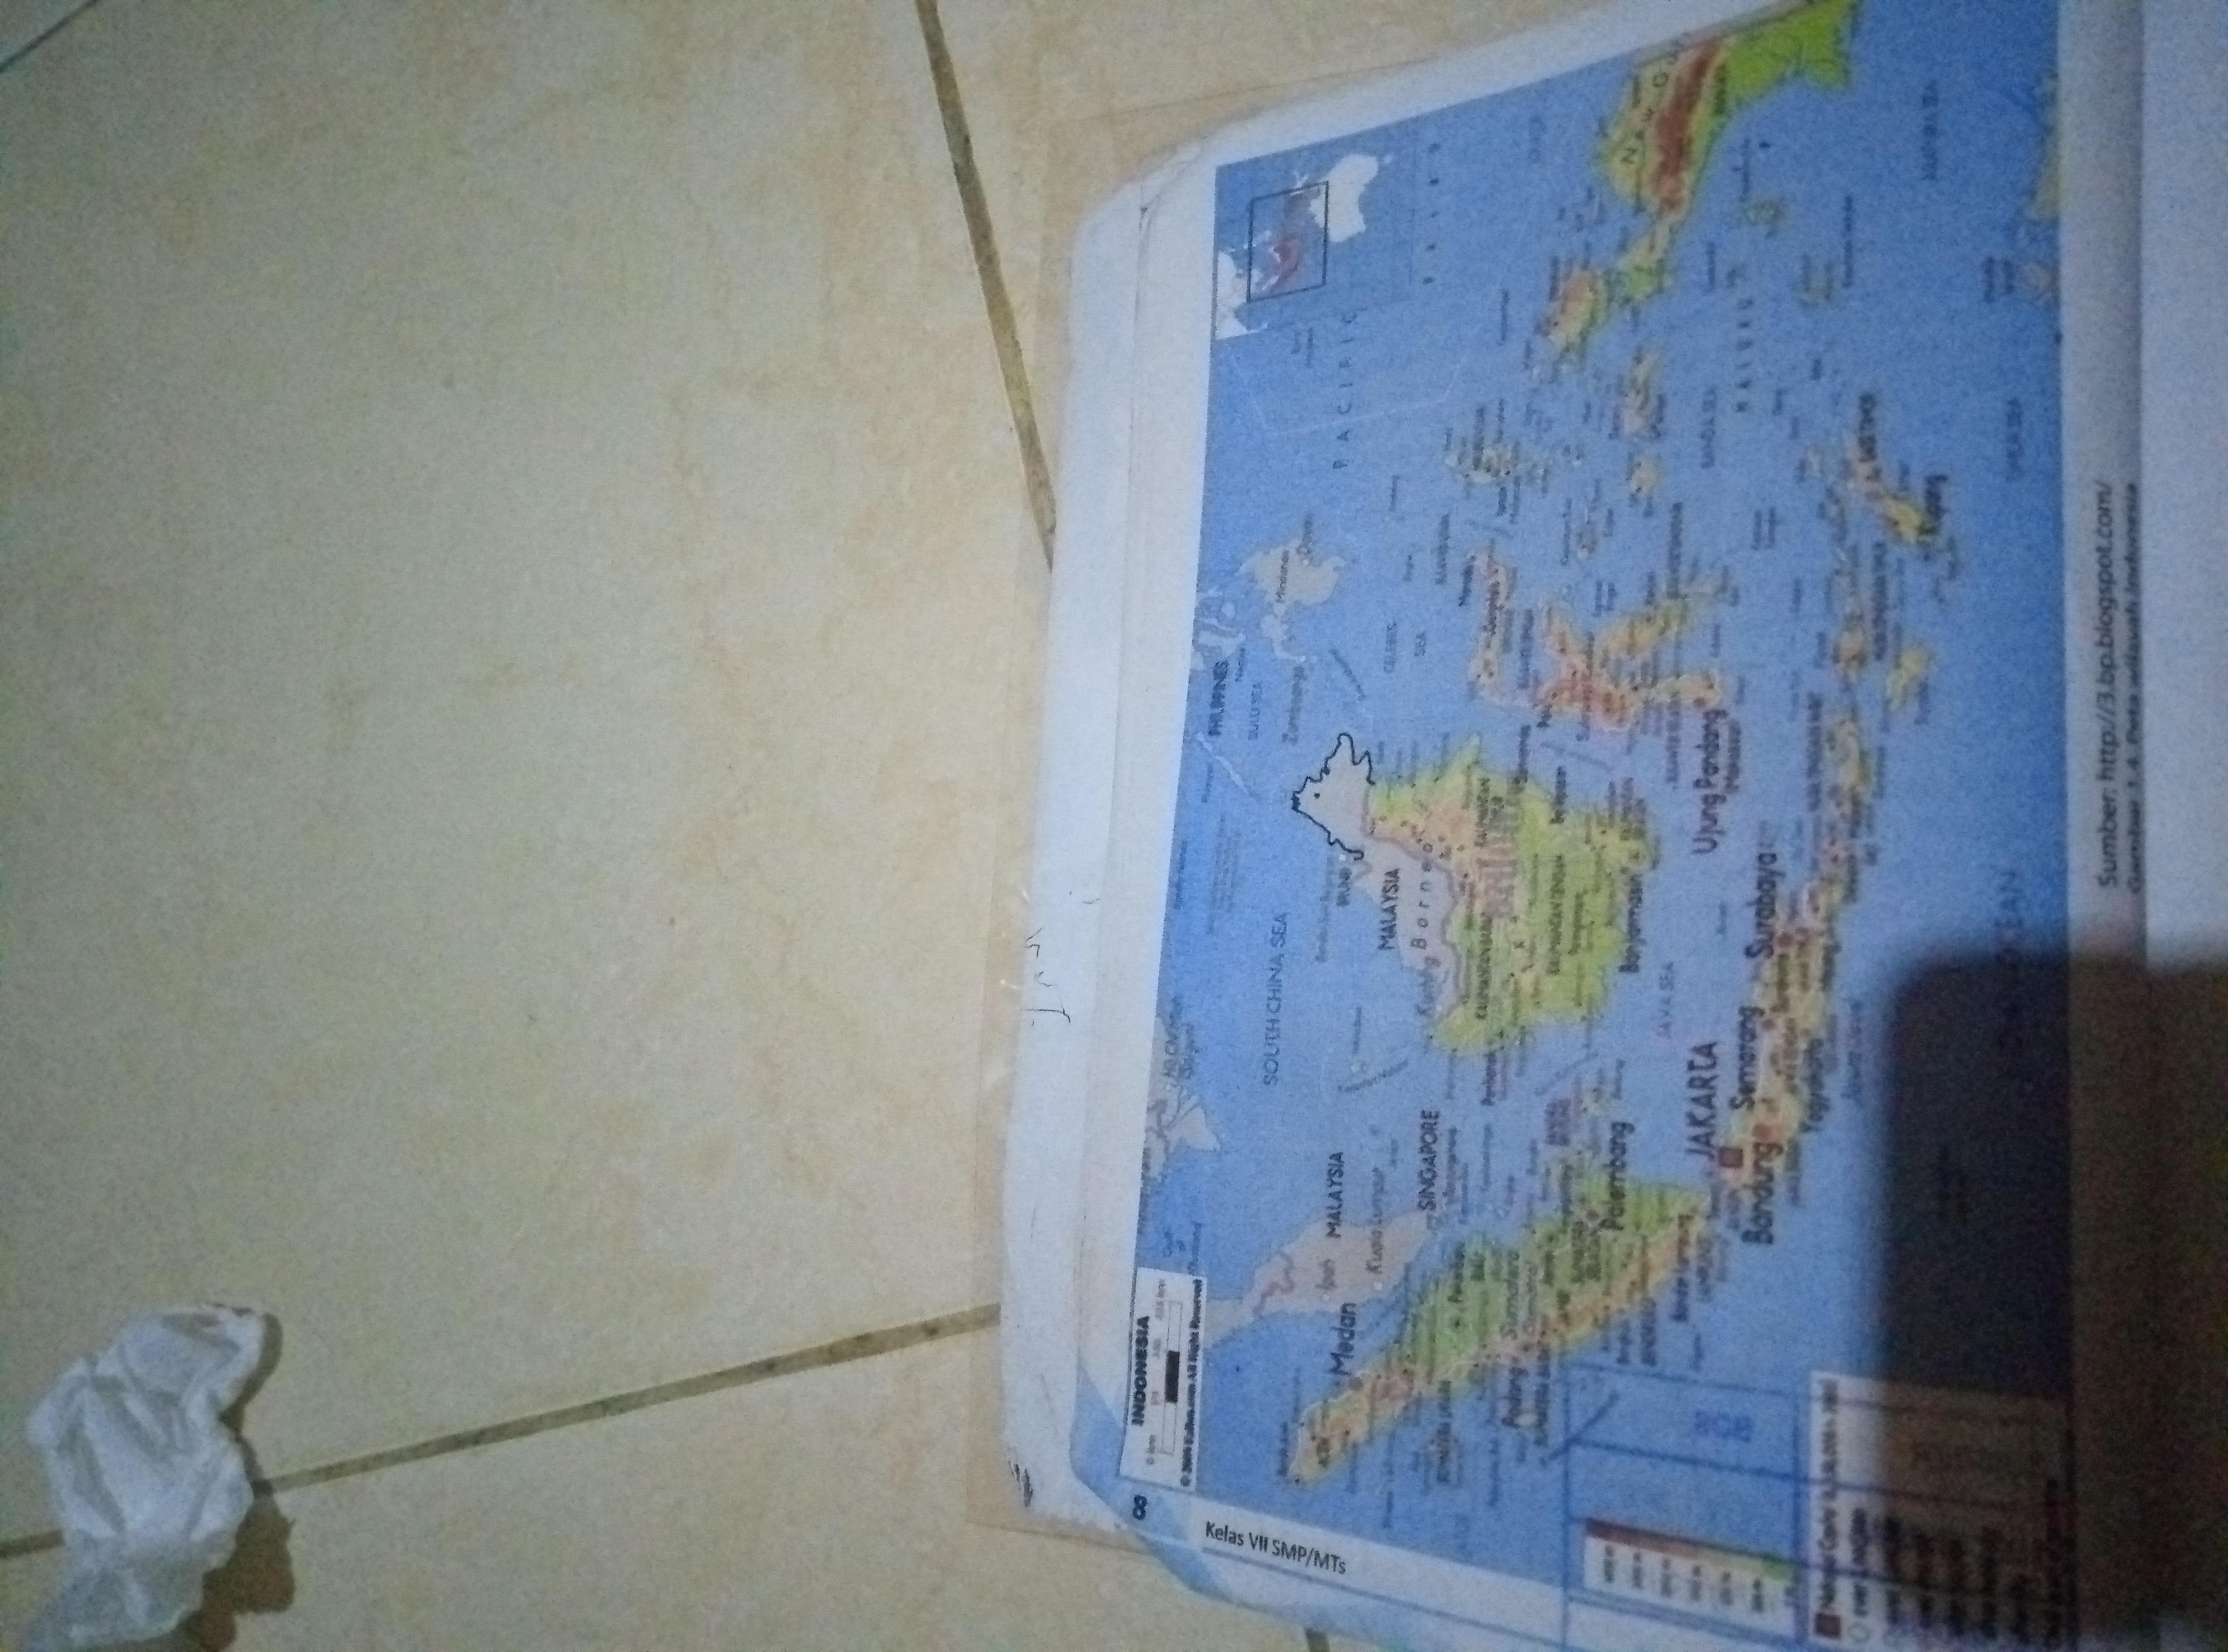 Aktivitas Kelompok Ips Nama Benua Batas Wilayah Daftar Negara Negara